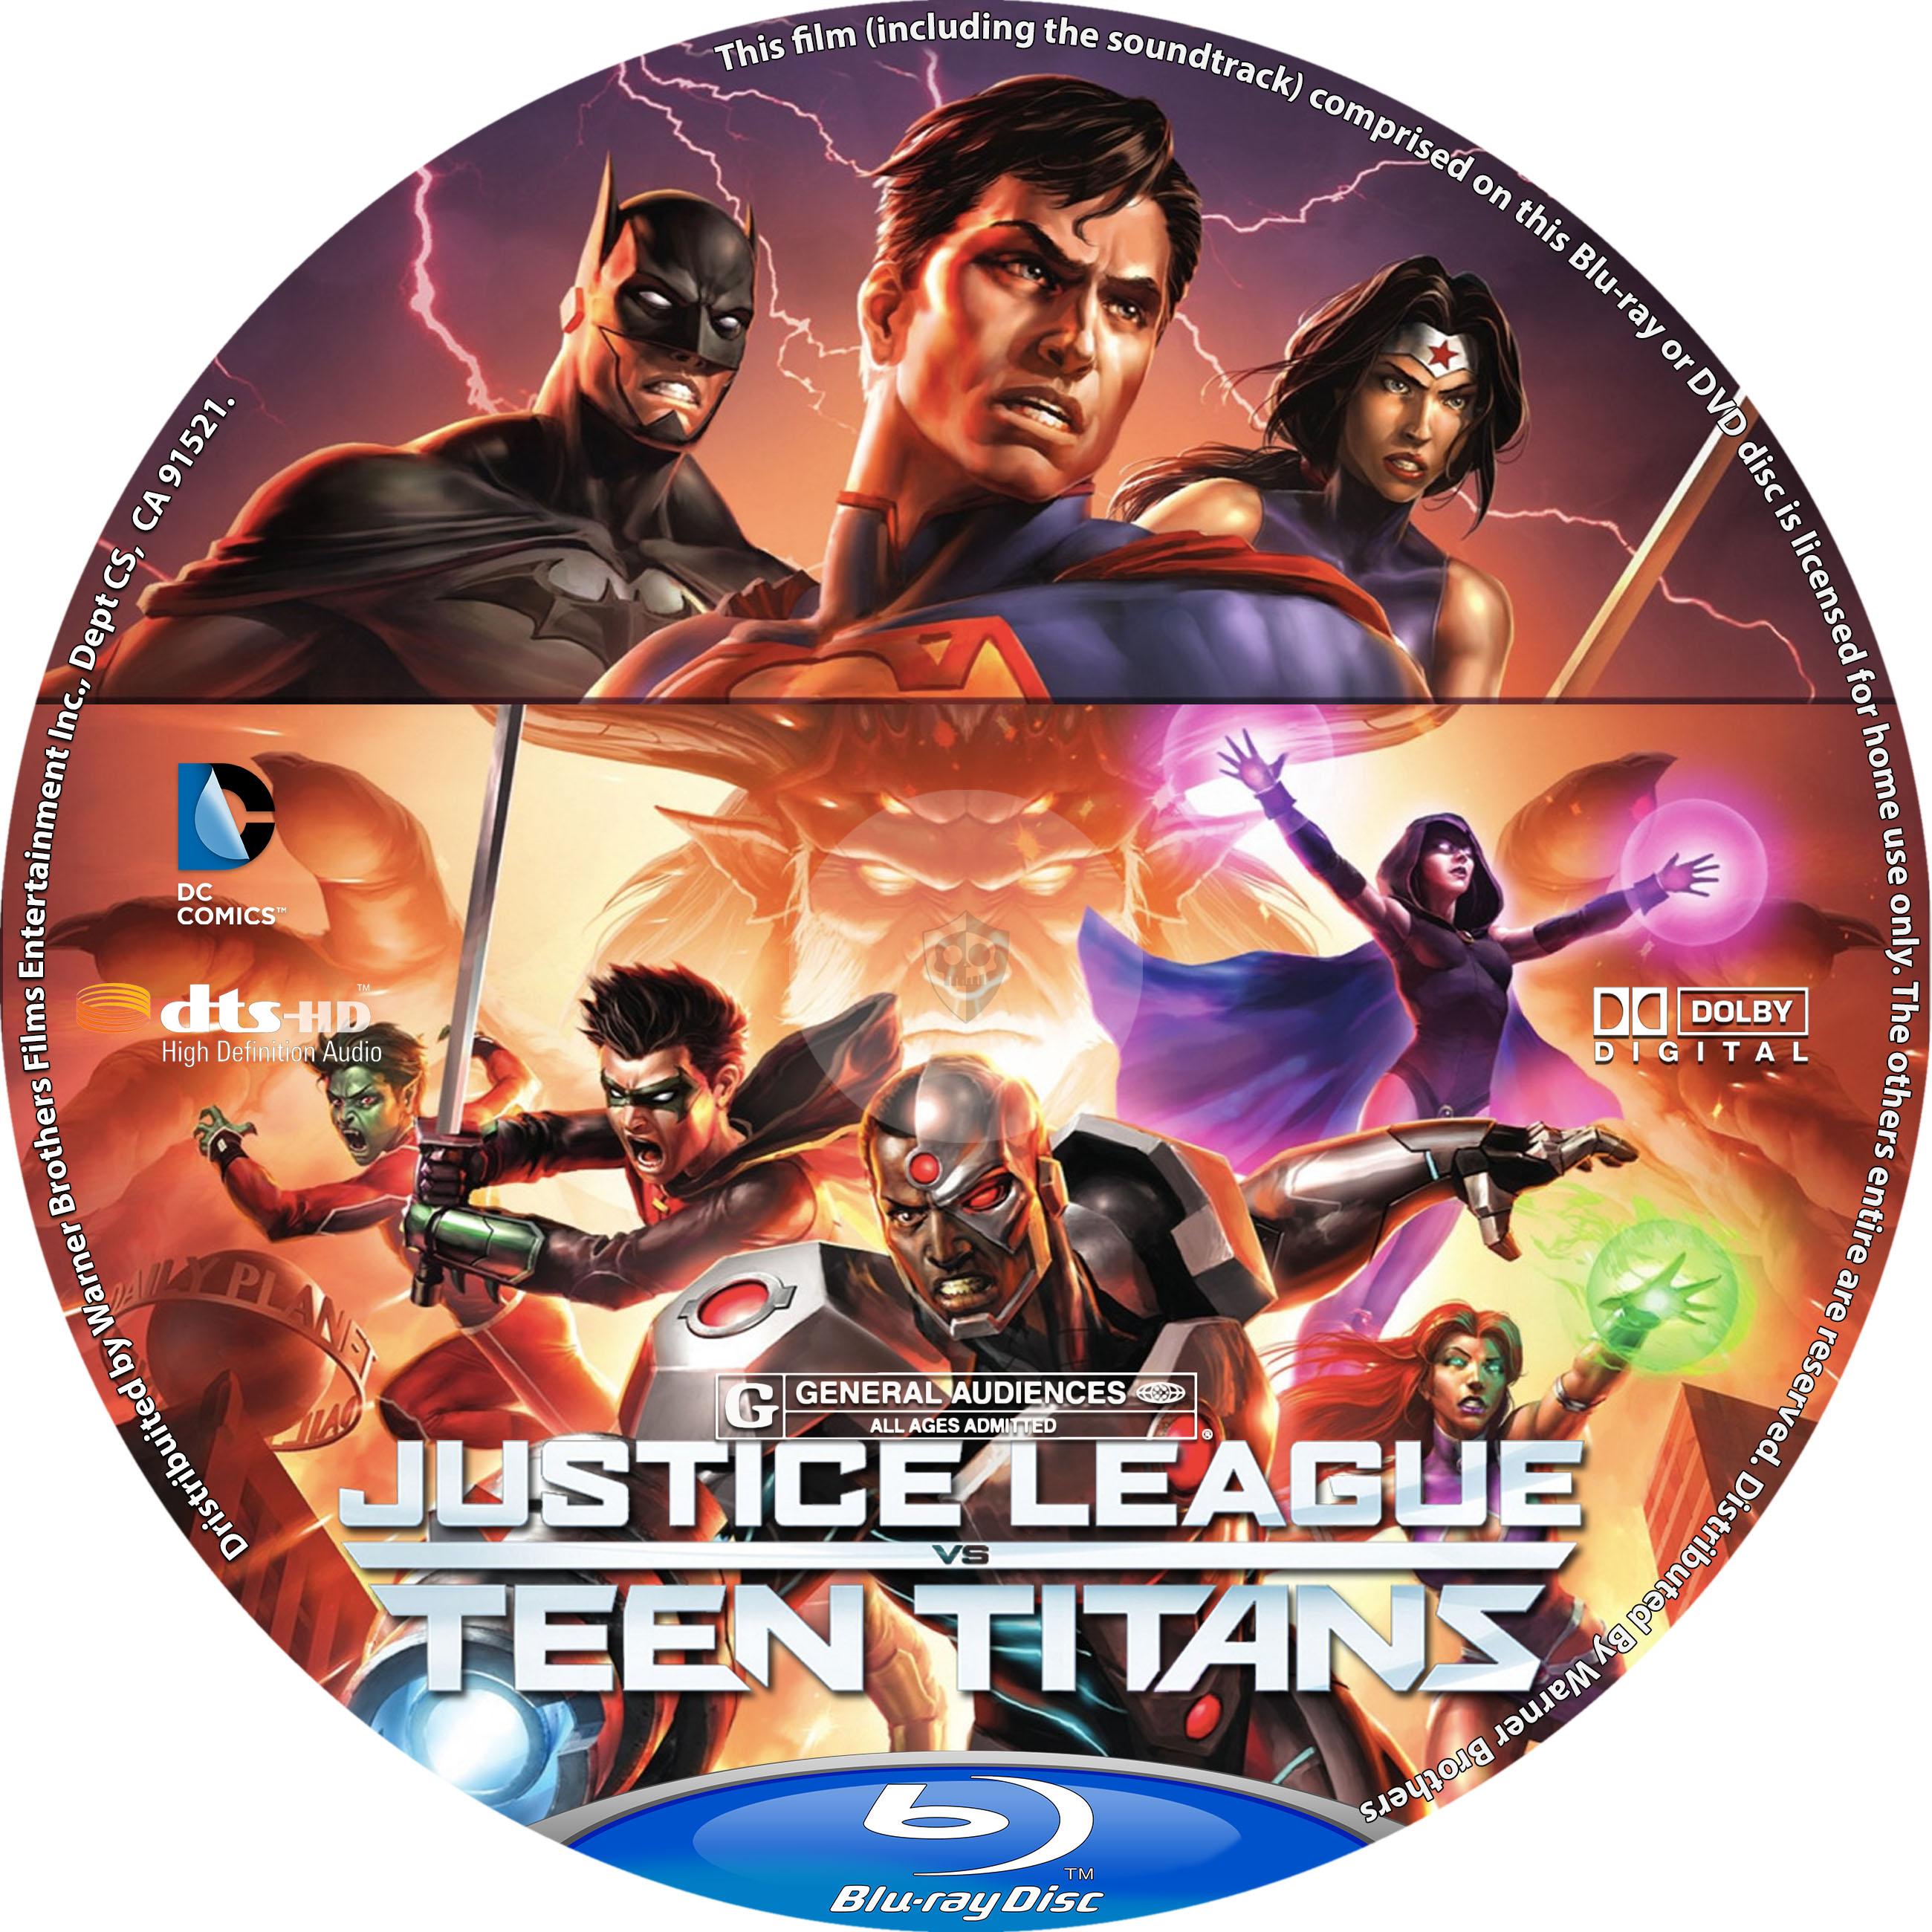 justice league vs teen titans download